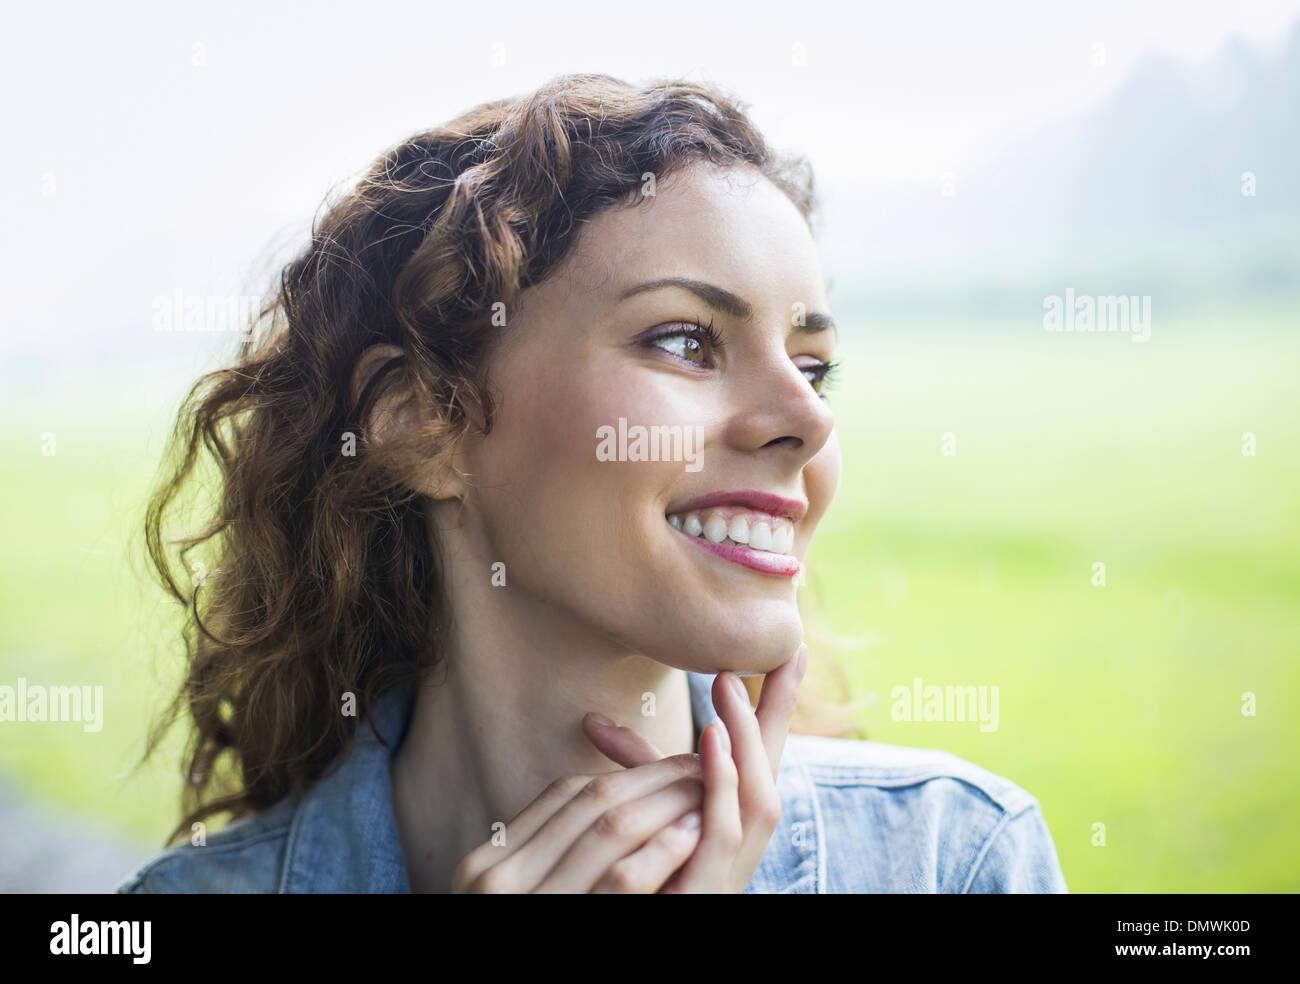 Una joven en un paisaje rural con el cabello rizado de viento. Apartar la mirada en la distancia. Imagen De Stock